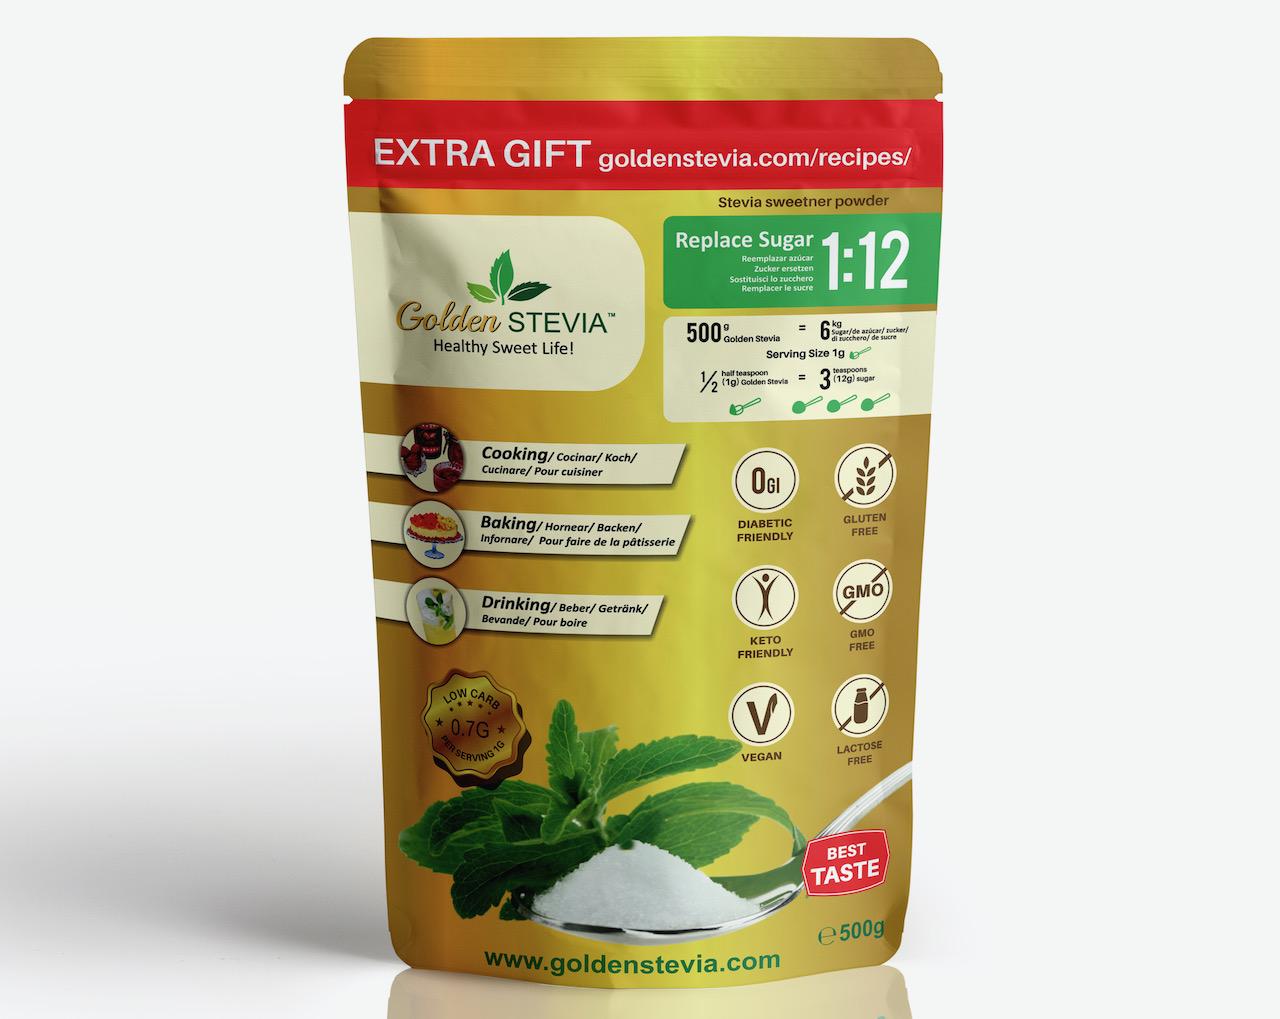 Golden Stevia suhkruasendaja Parima maitse, kvaliteedi ja hinnaga